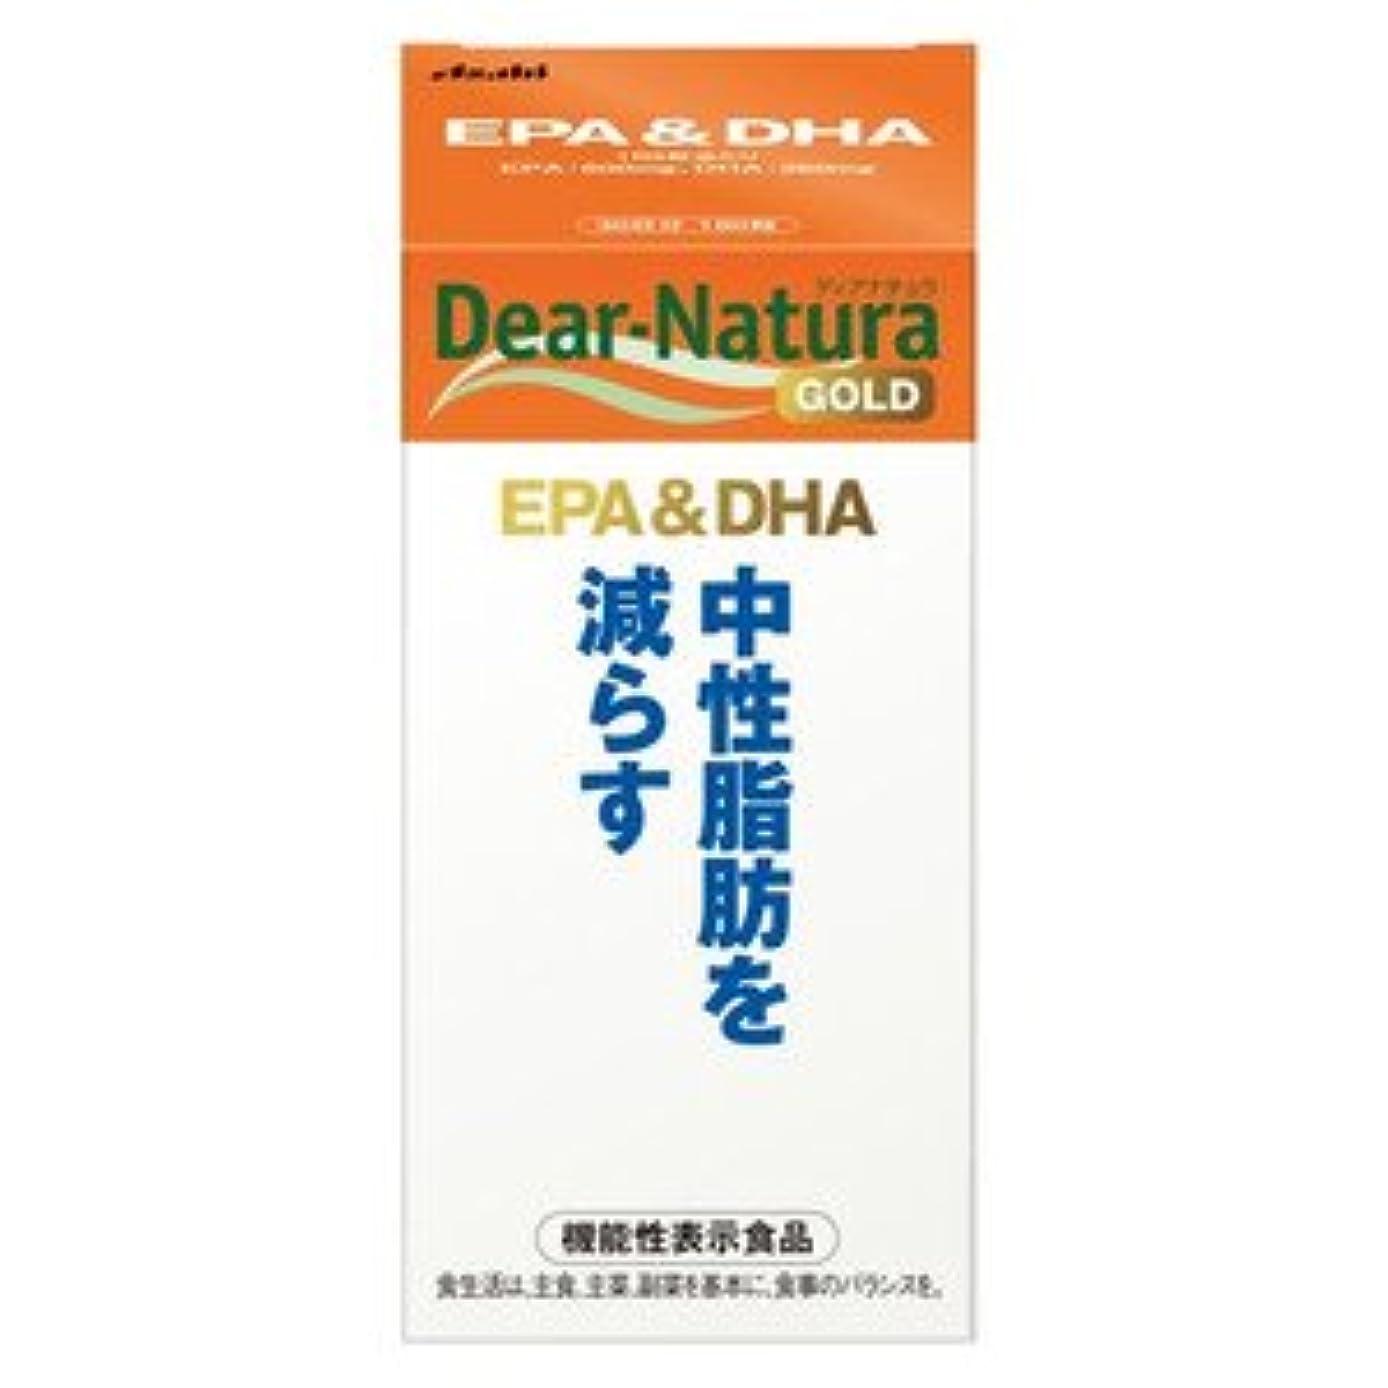 急勾配のポインタジャベスウィルソン(アサヒフード&ヘルスケア)ディアナチュラゴールド EPA&DHA 30日分 180粒(お買い得3個セット)